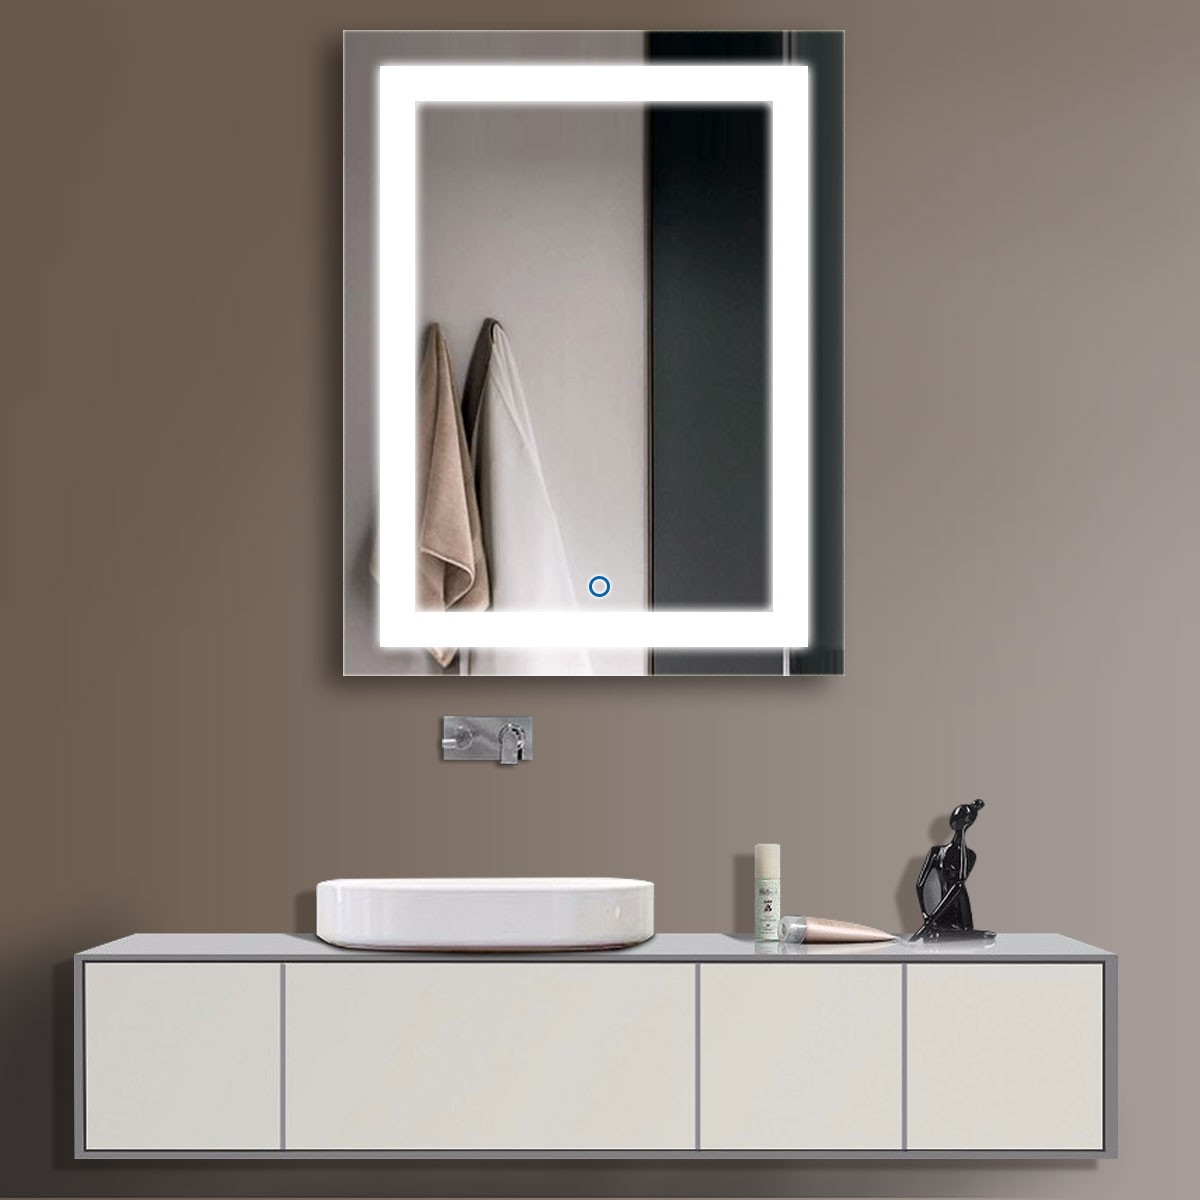 28 x 36 po miroir vertical argent led salle de bains avec for Miroir vertical